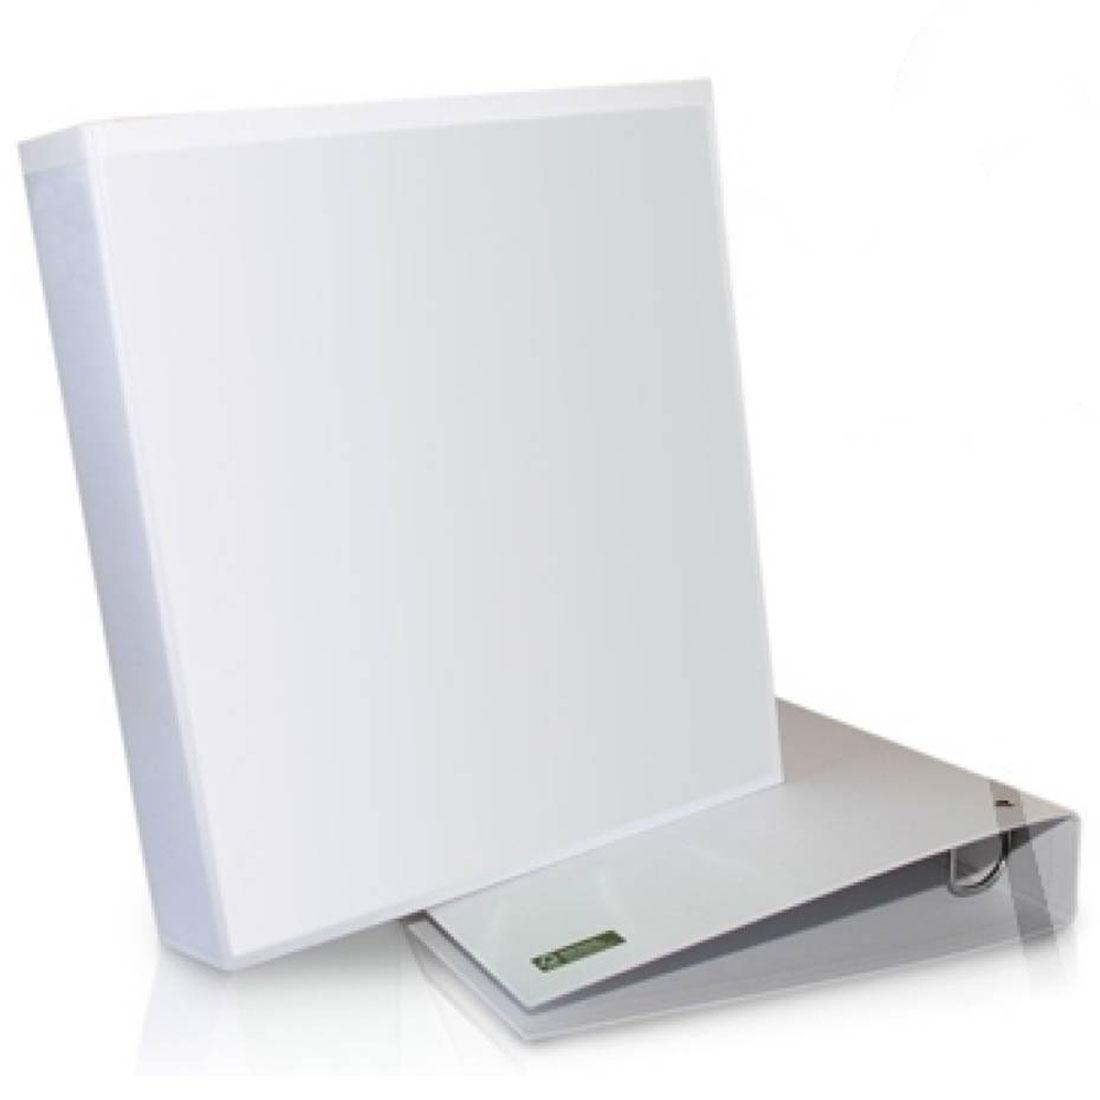 classeur a4 blanc personnalisable 4 anneaux 20 mm et dos 35 mm classeur g n rique sur. Black Bedroom Furniture Sets. Home Design Ideas